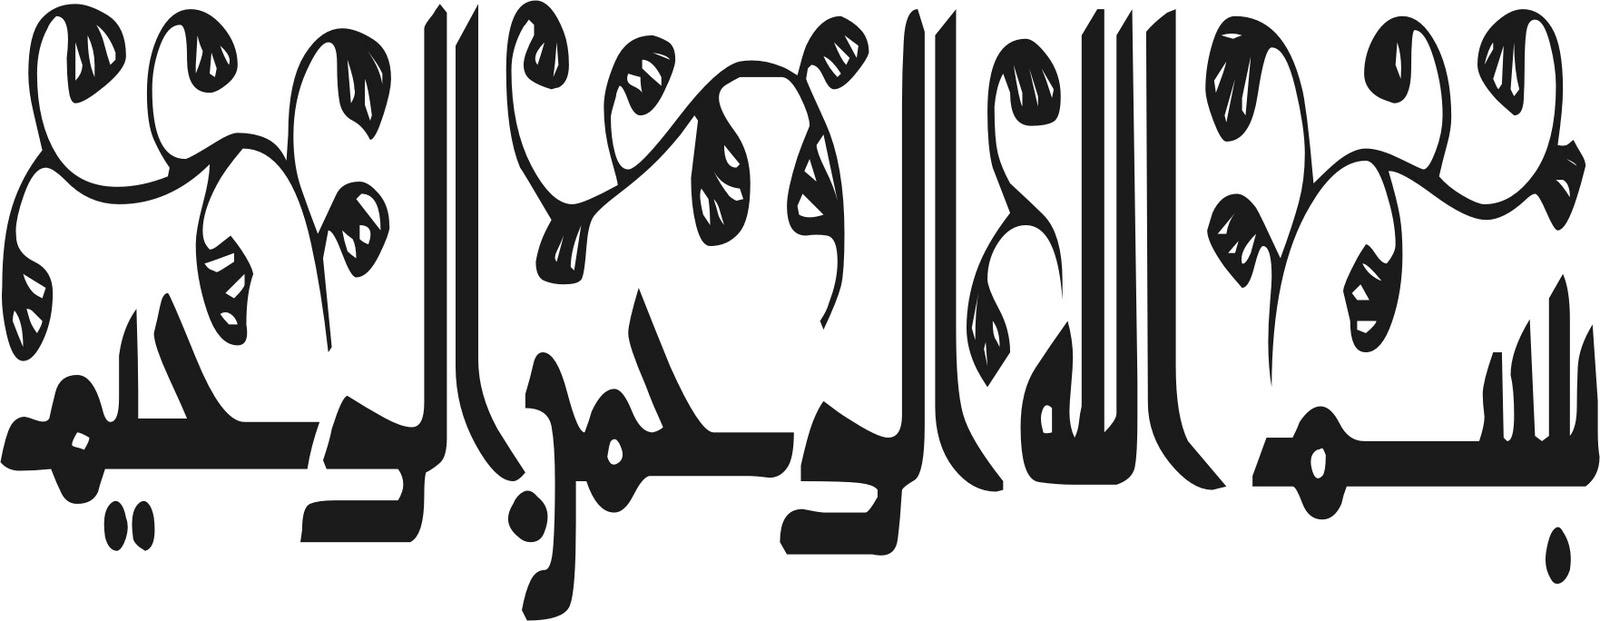 Kaligrafi Bismillah Related Keywords Suggestions Kaligrafi